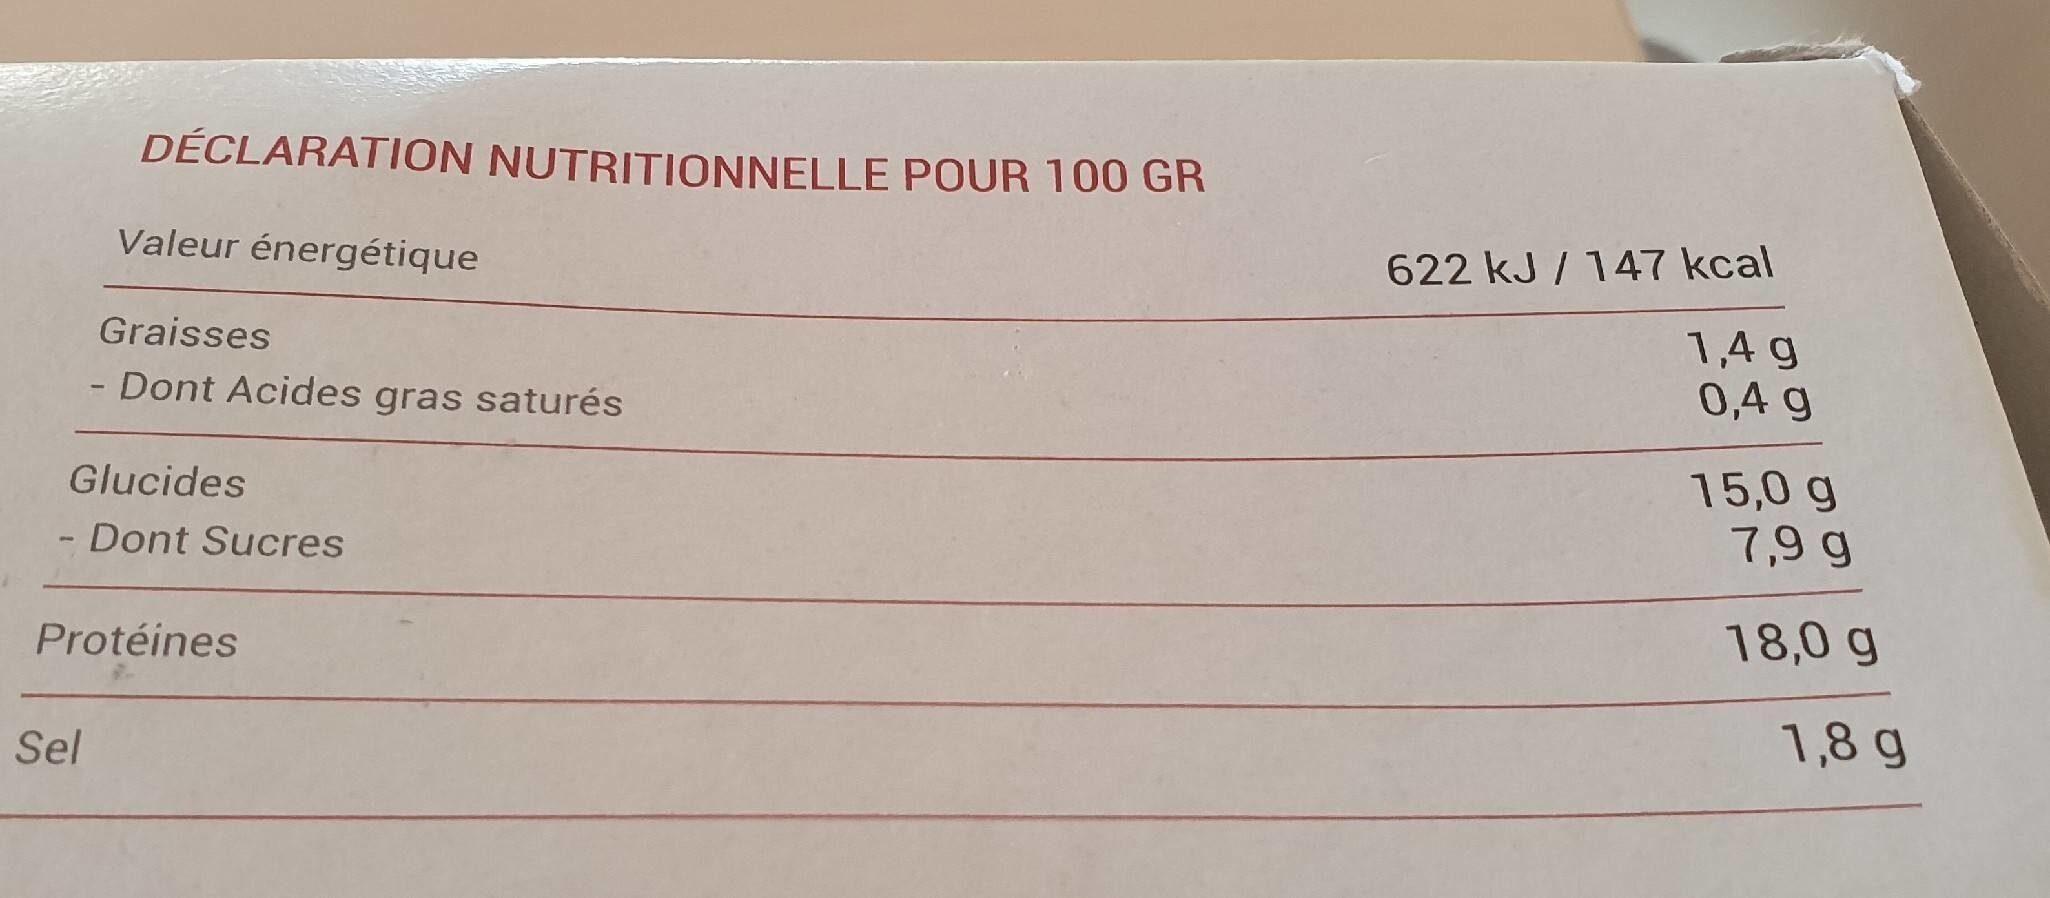 Brochette yakitori de poulet Marine cuit - Informations nutritionnelles